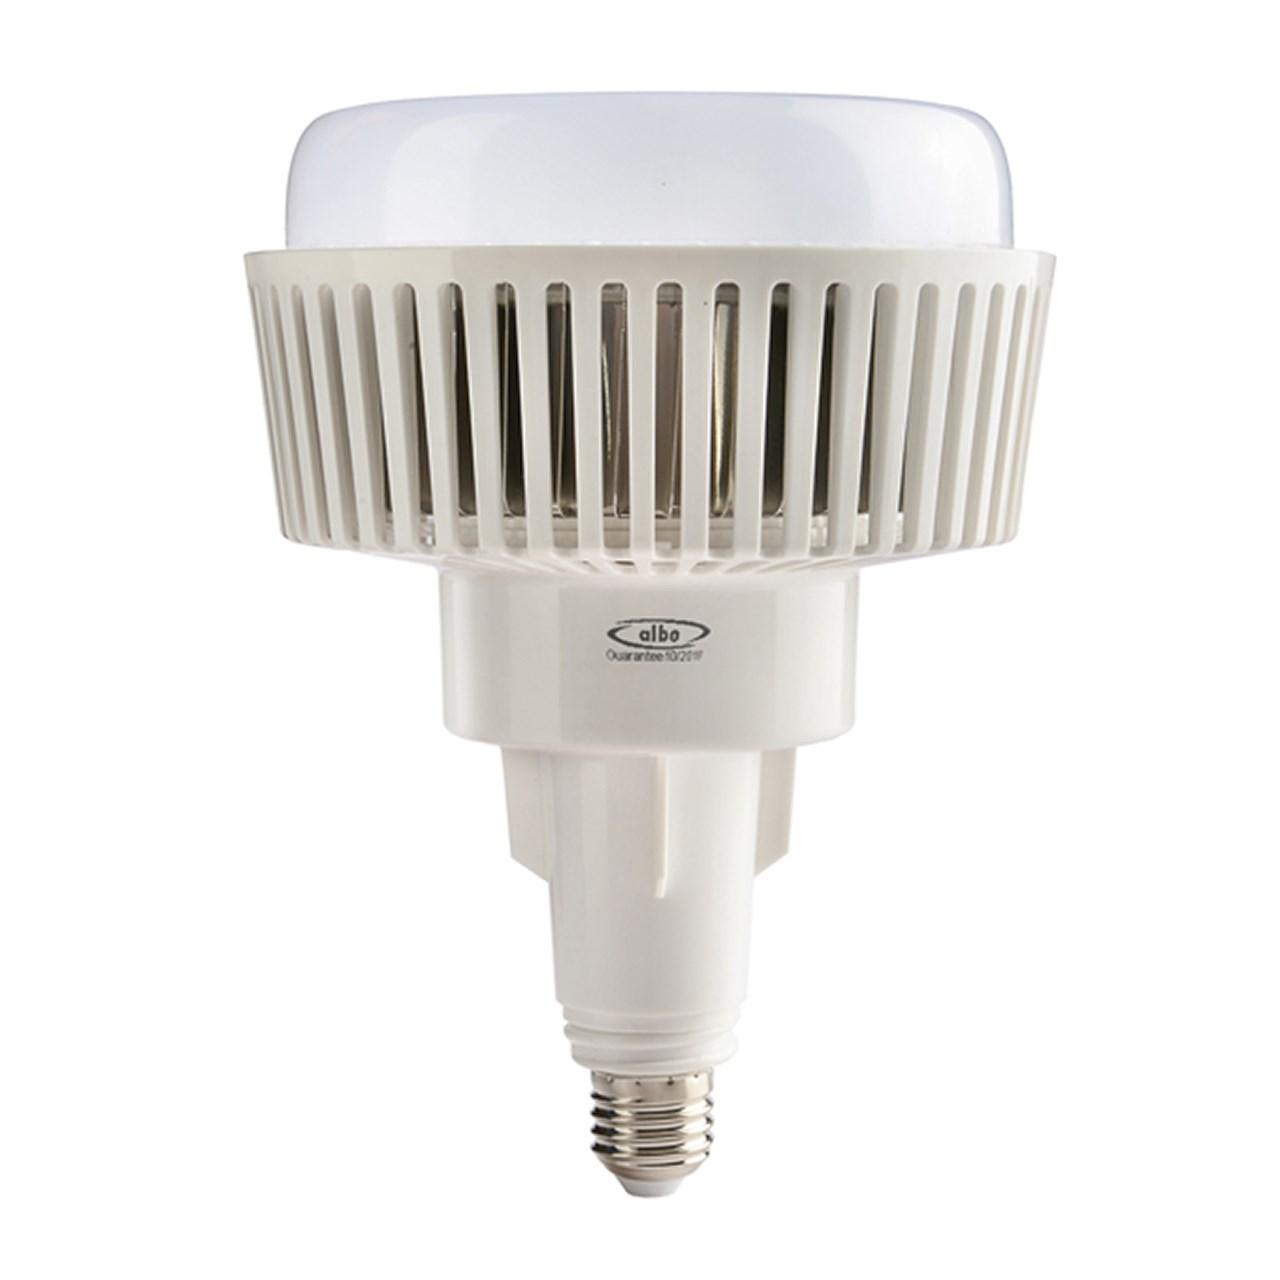 لامپ ال ای دی 40 وات صنعتی البو مدلPower پایه E27